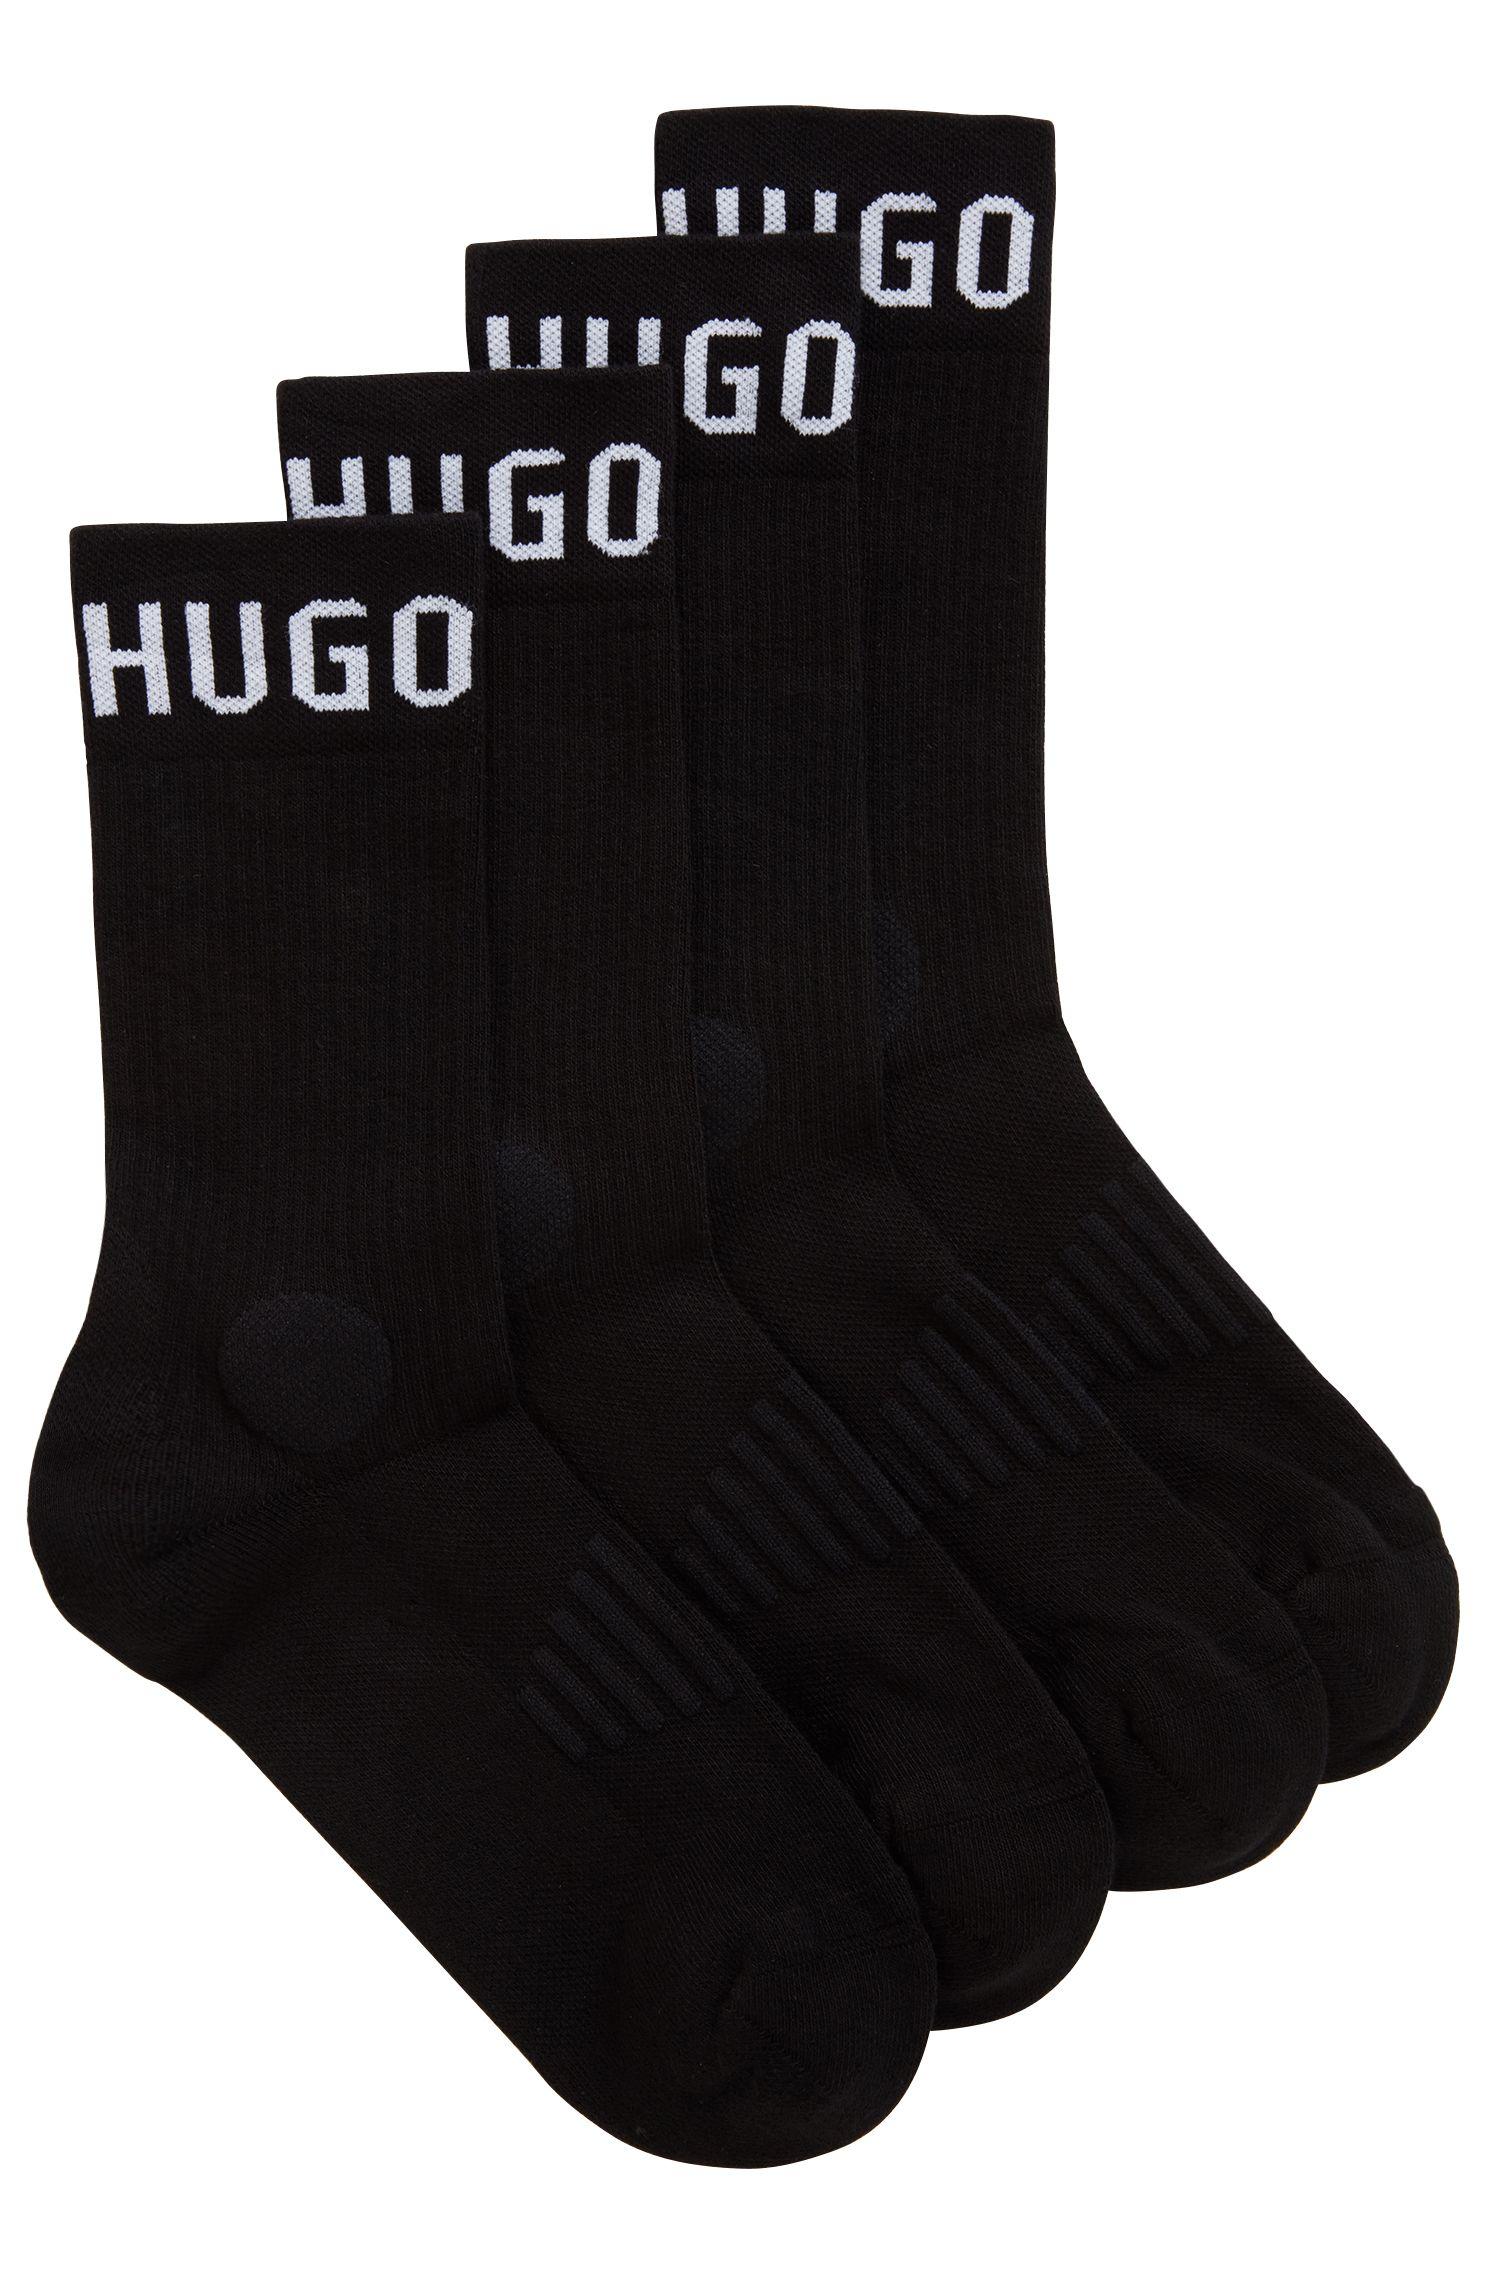 Un paquete doble de calcetines deportivos de largo normal con acolchado